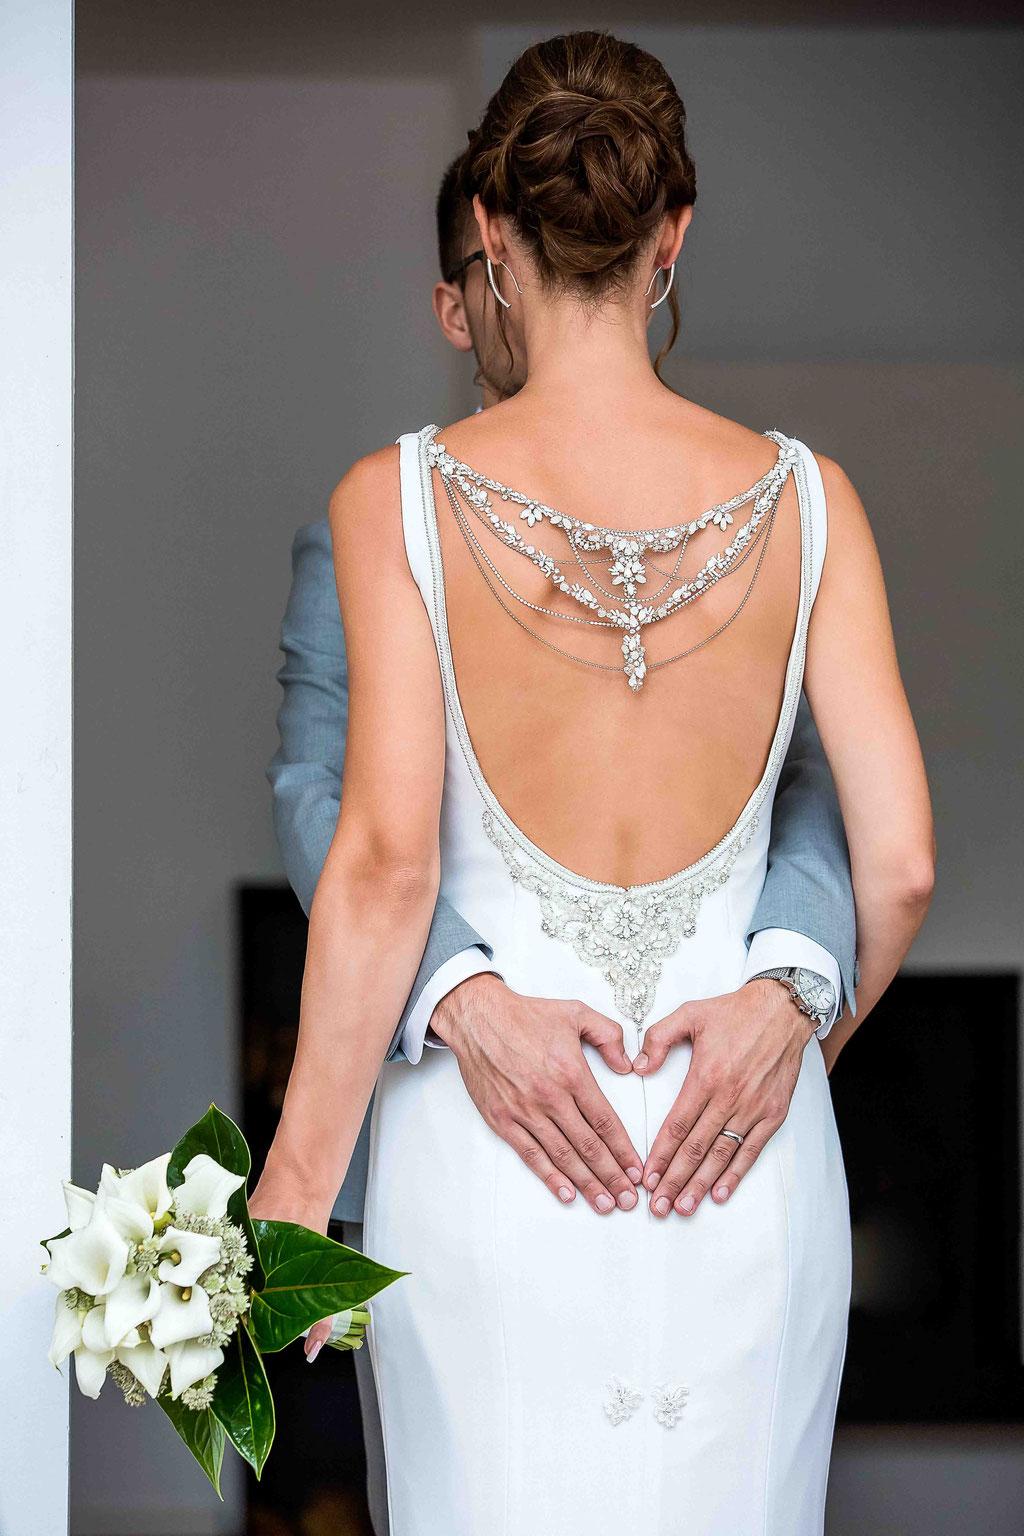 erstklassige Ideen Hochzeitsfotograf, premium Hochzeitsbilder aus Mainz, Hochzeitskleid Rückenfrei